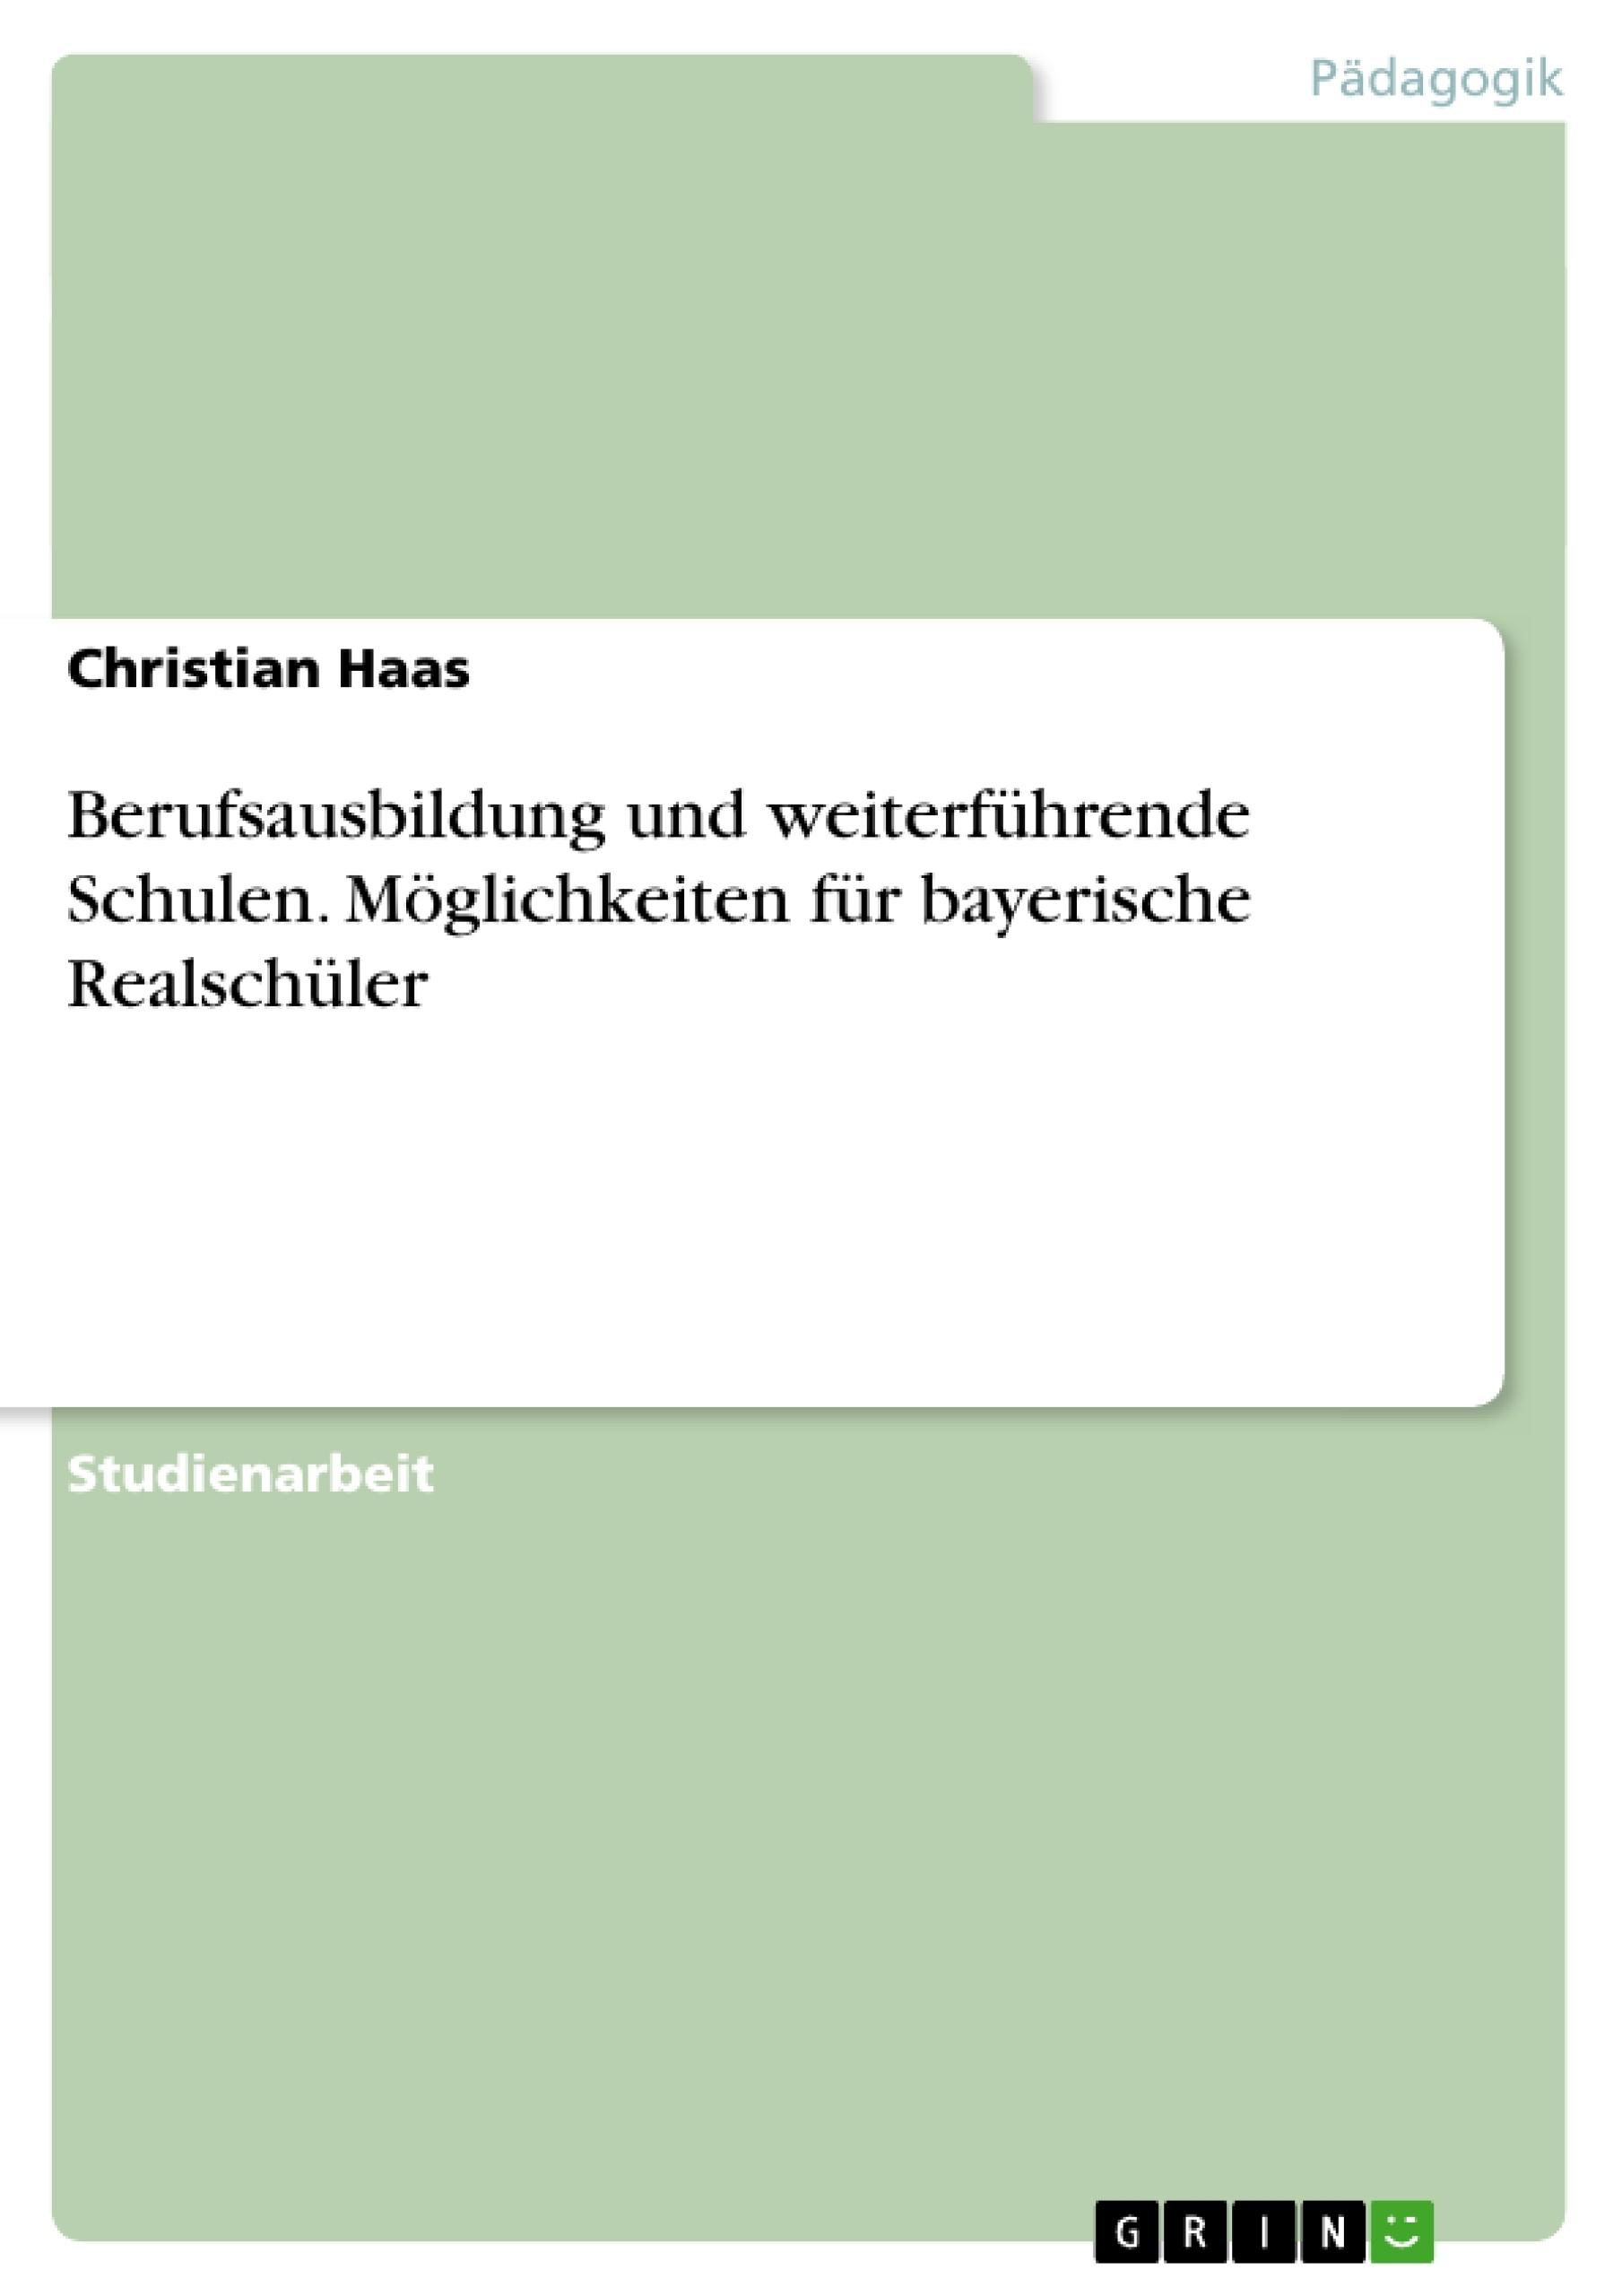 Titel: Berufsausbildung und weiterführende Schulen. Möglichkeiten für bayerische Realschüler